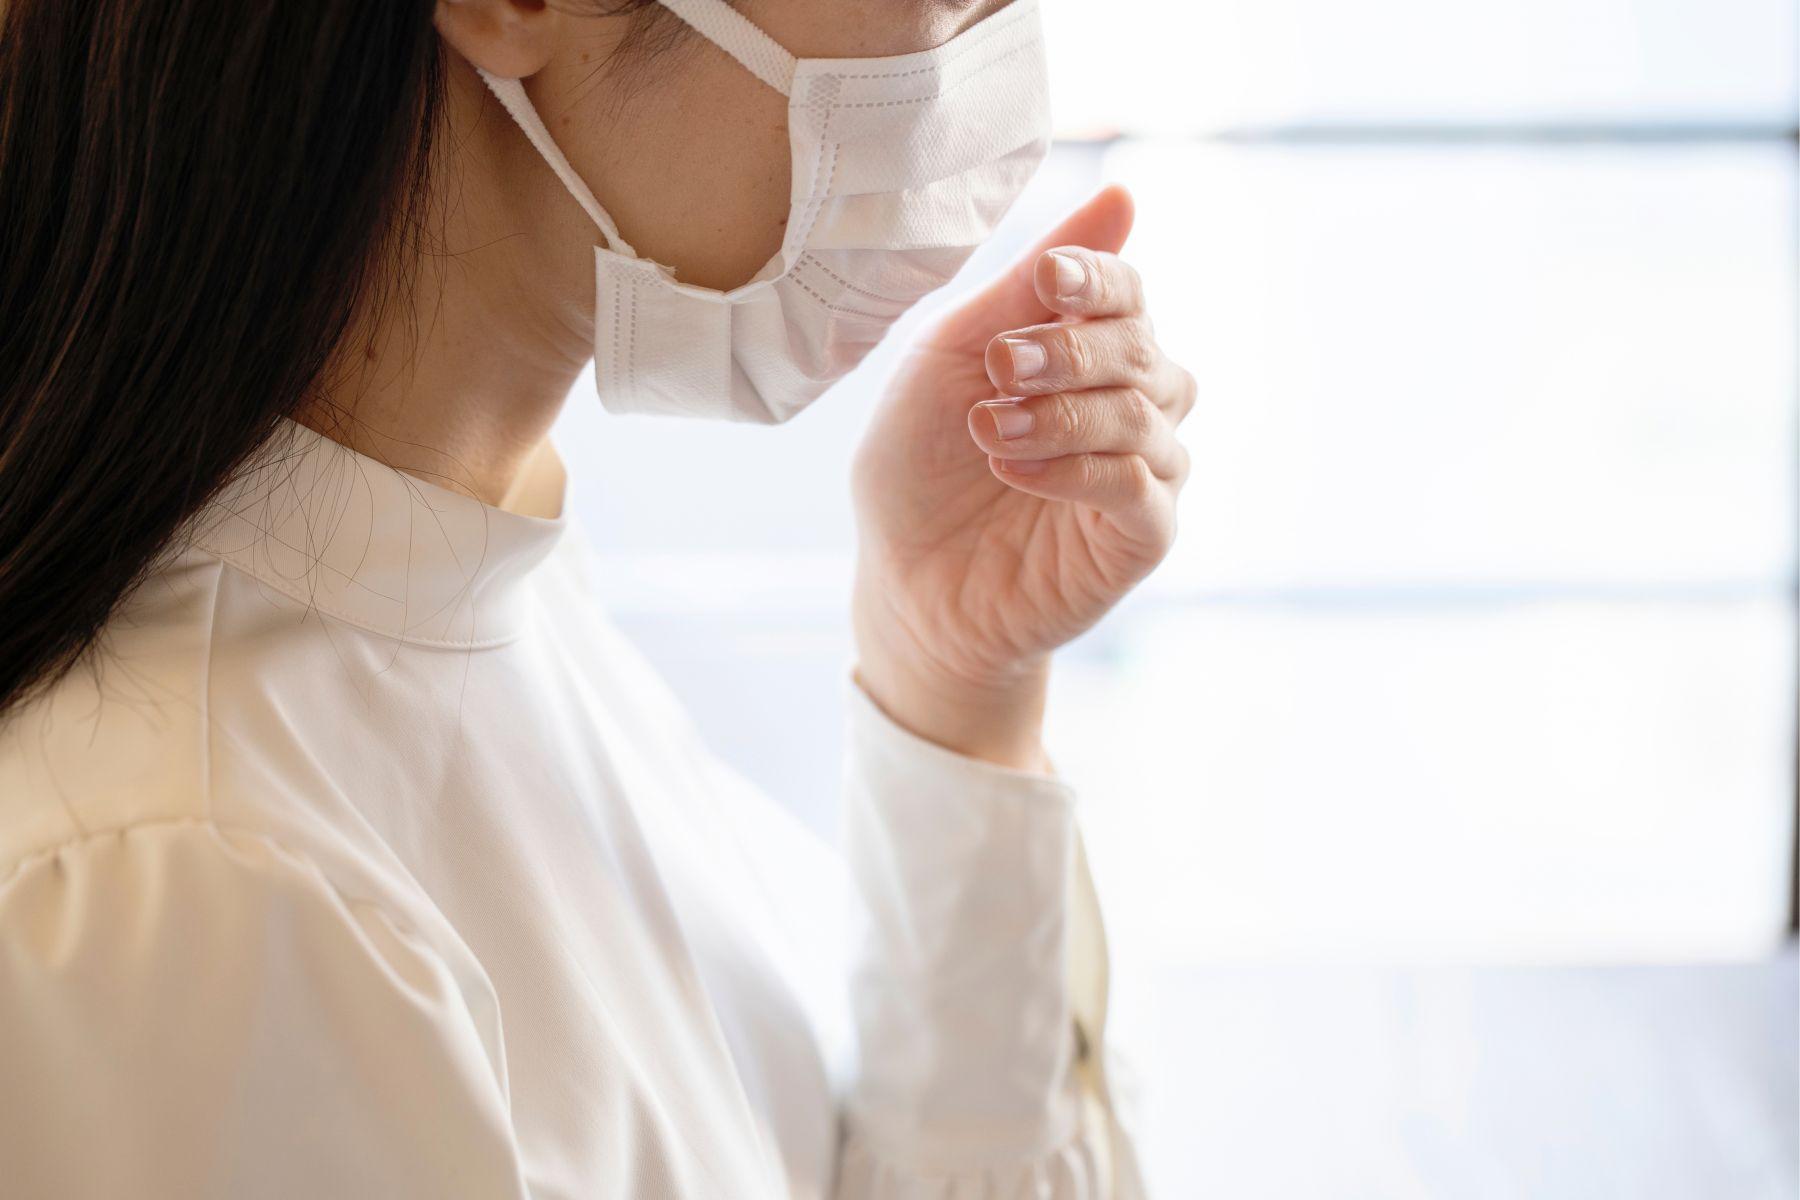 武漢肺炎疫情當頭,這4件事你千萬不要做!出現發燒、咳嗽、喘症狀一定要聯絡衛生機關、至醫院就診